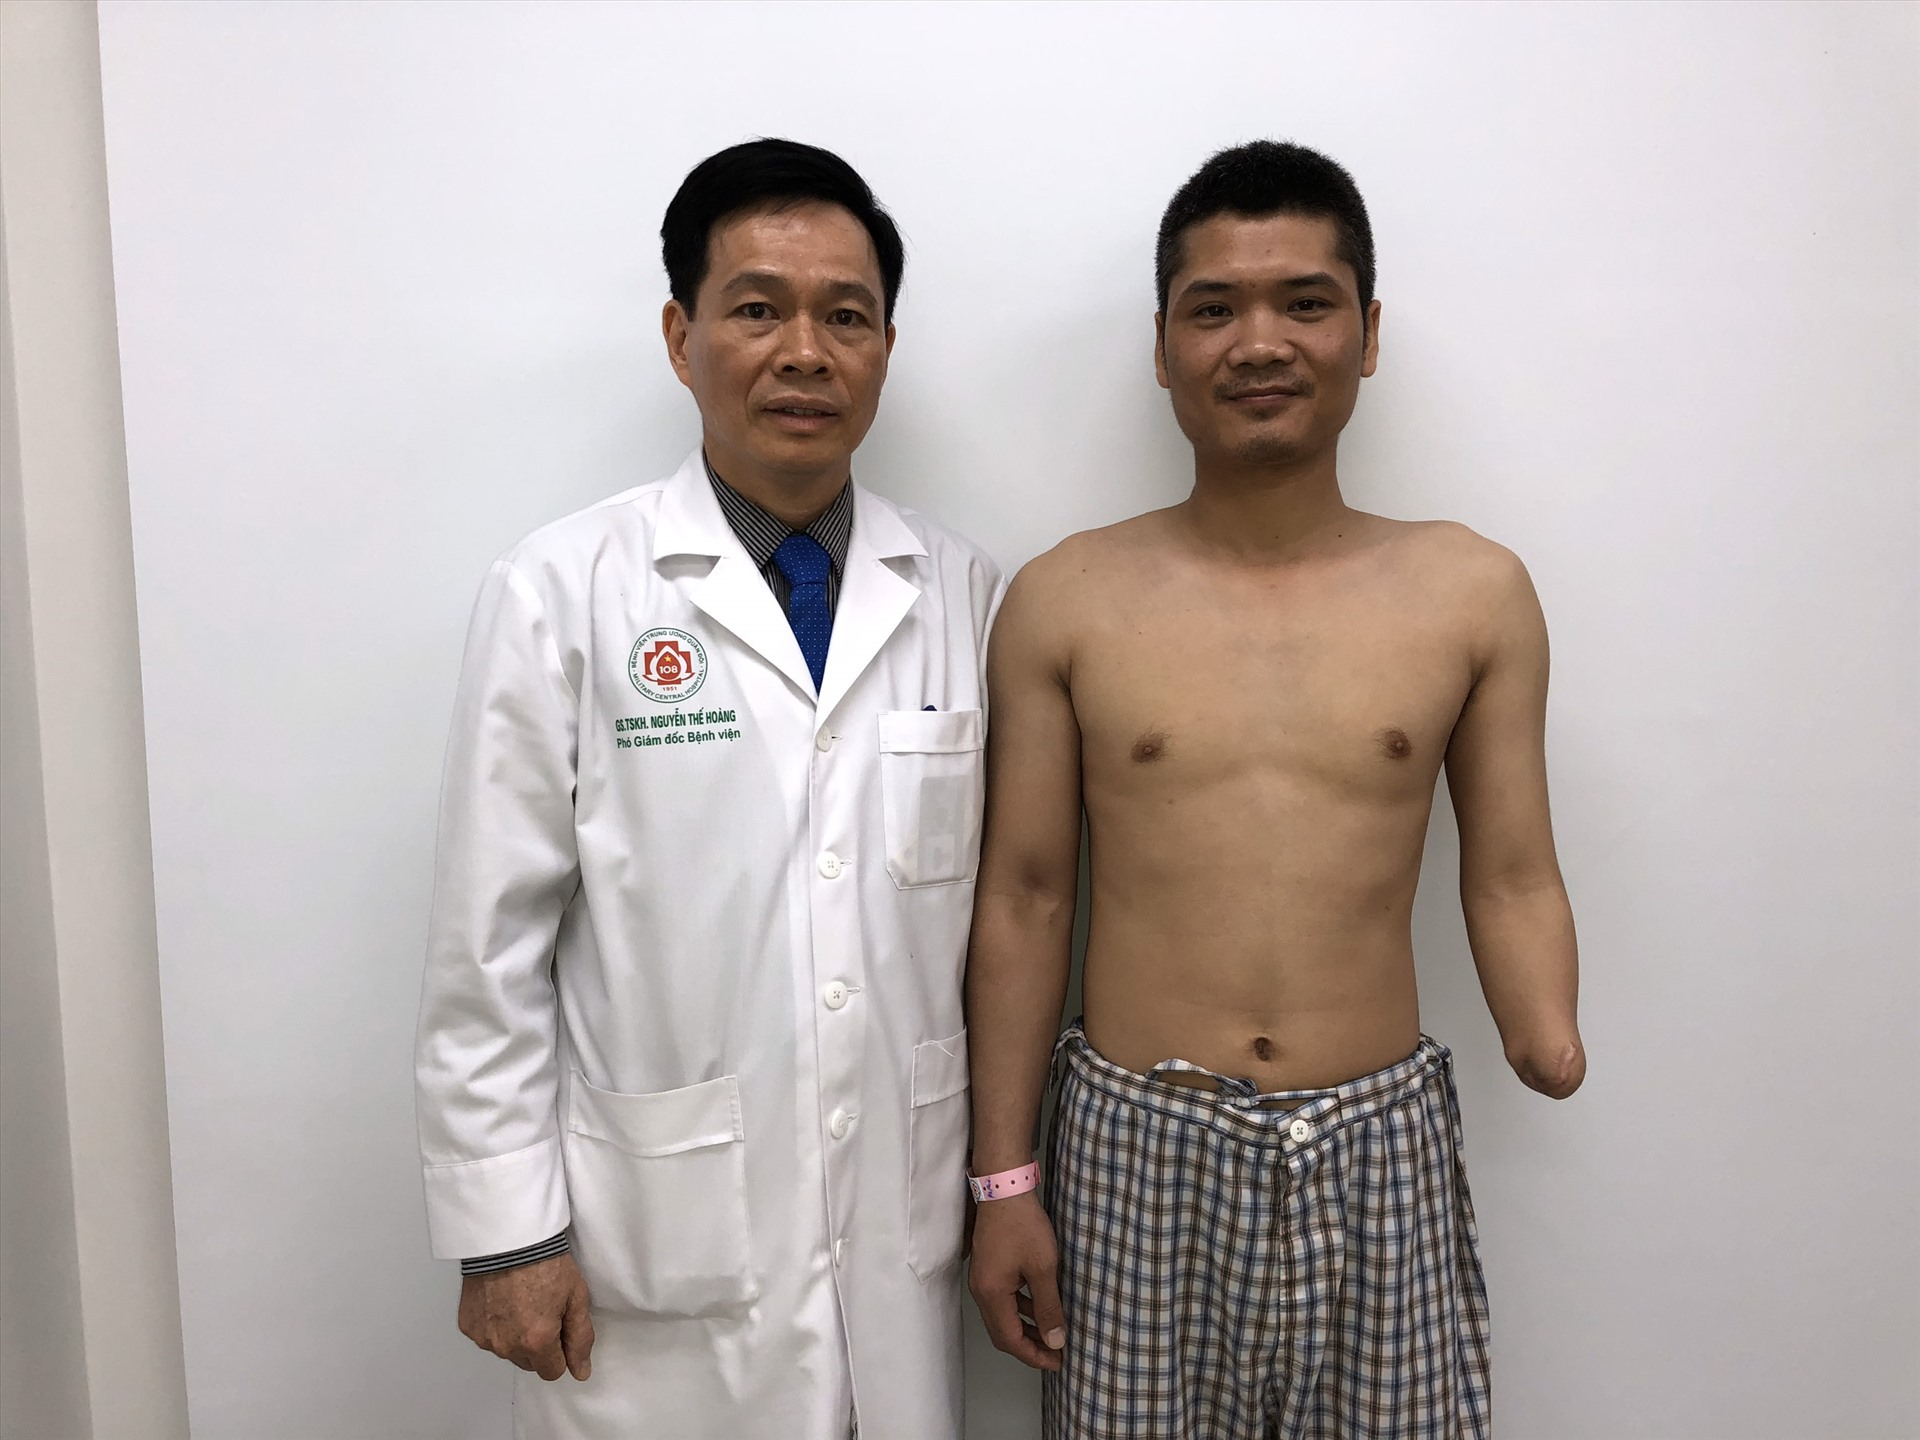 Ca ghép chi thể từ người cho sống đầu tiên trên thế giới là ở Việt Nam-1